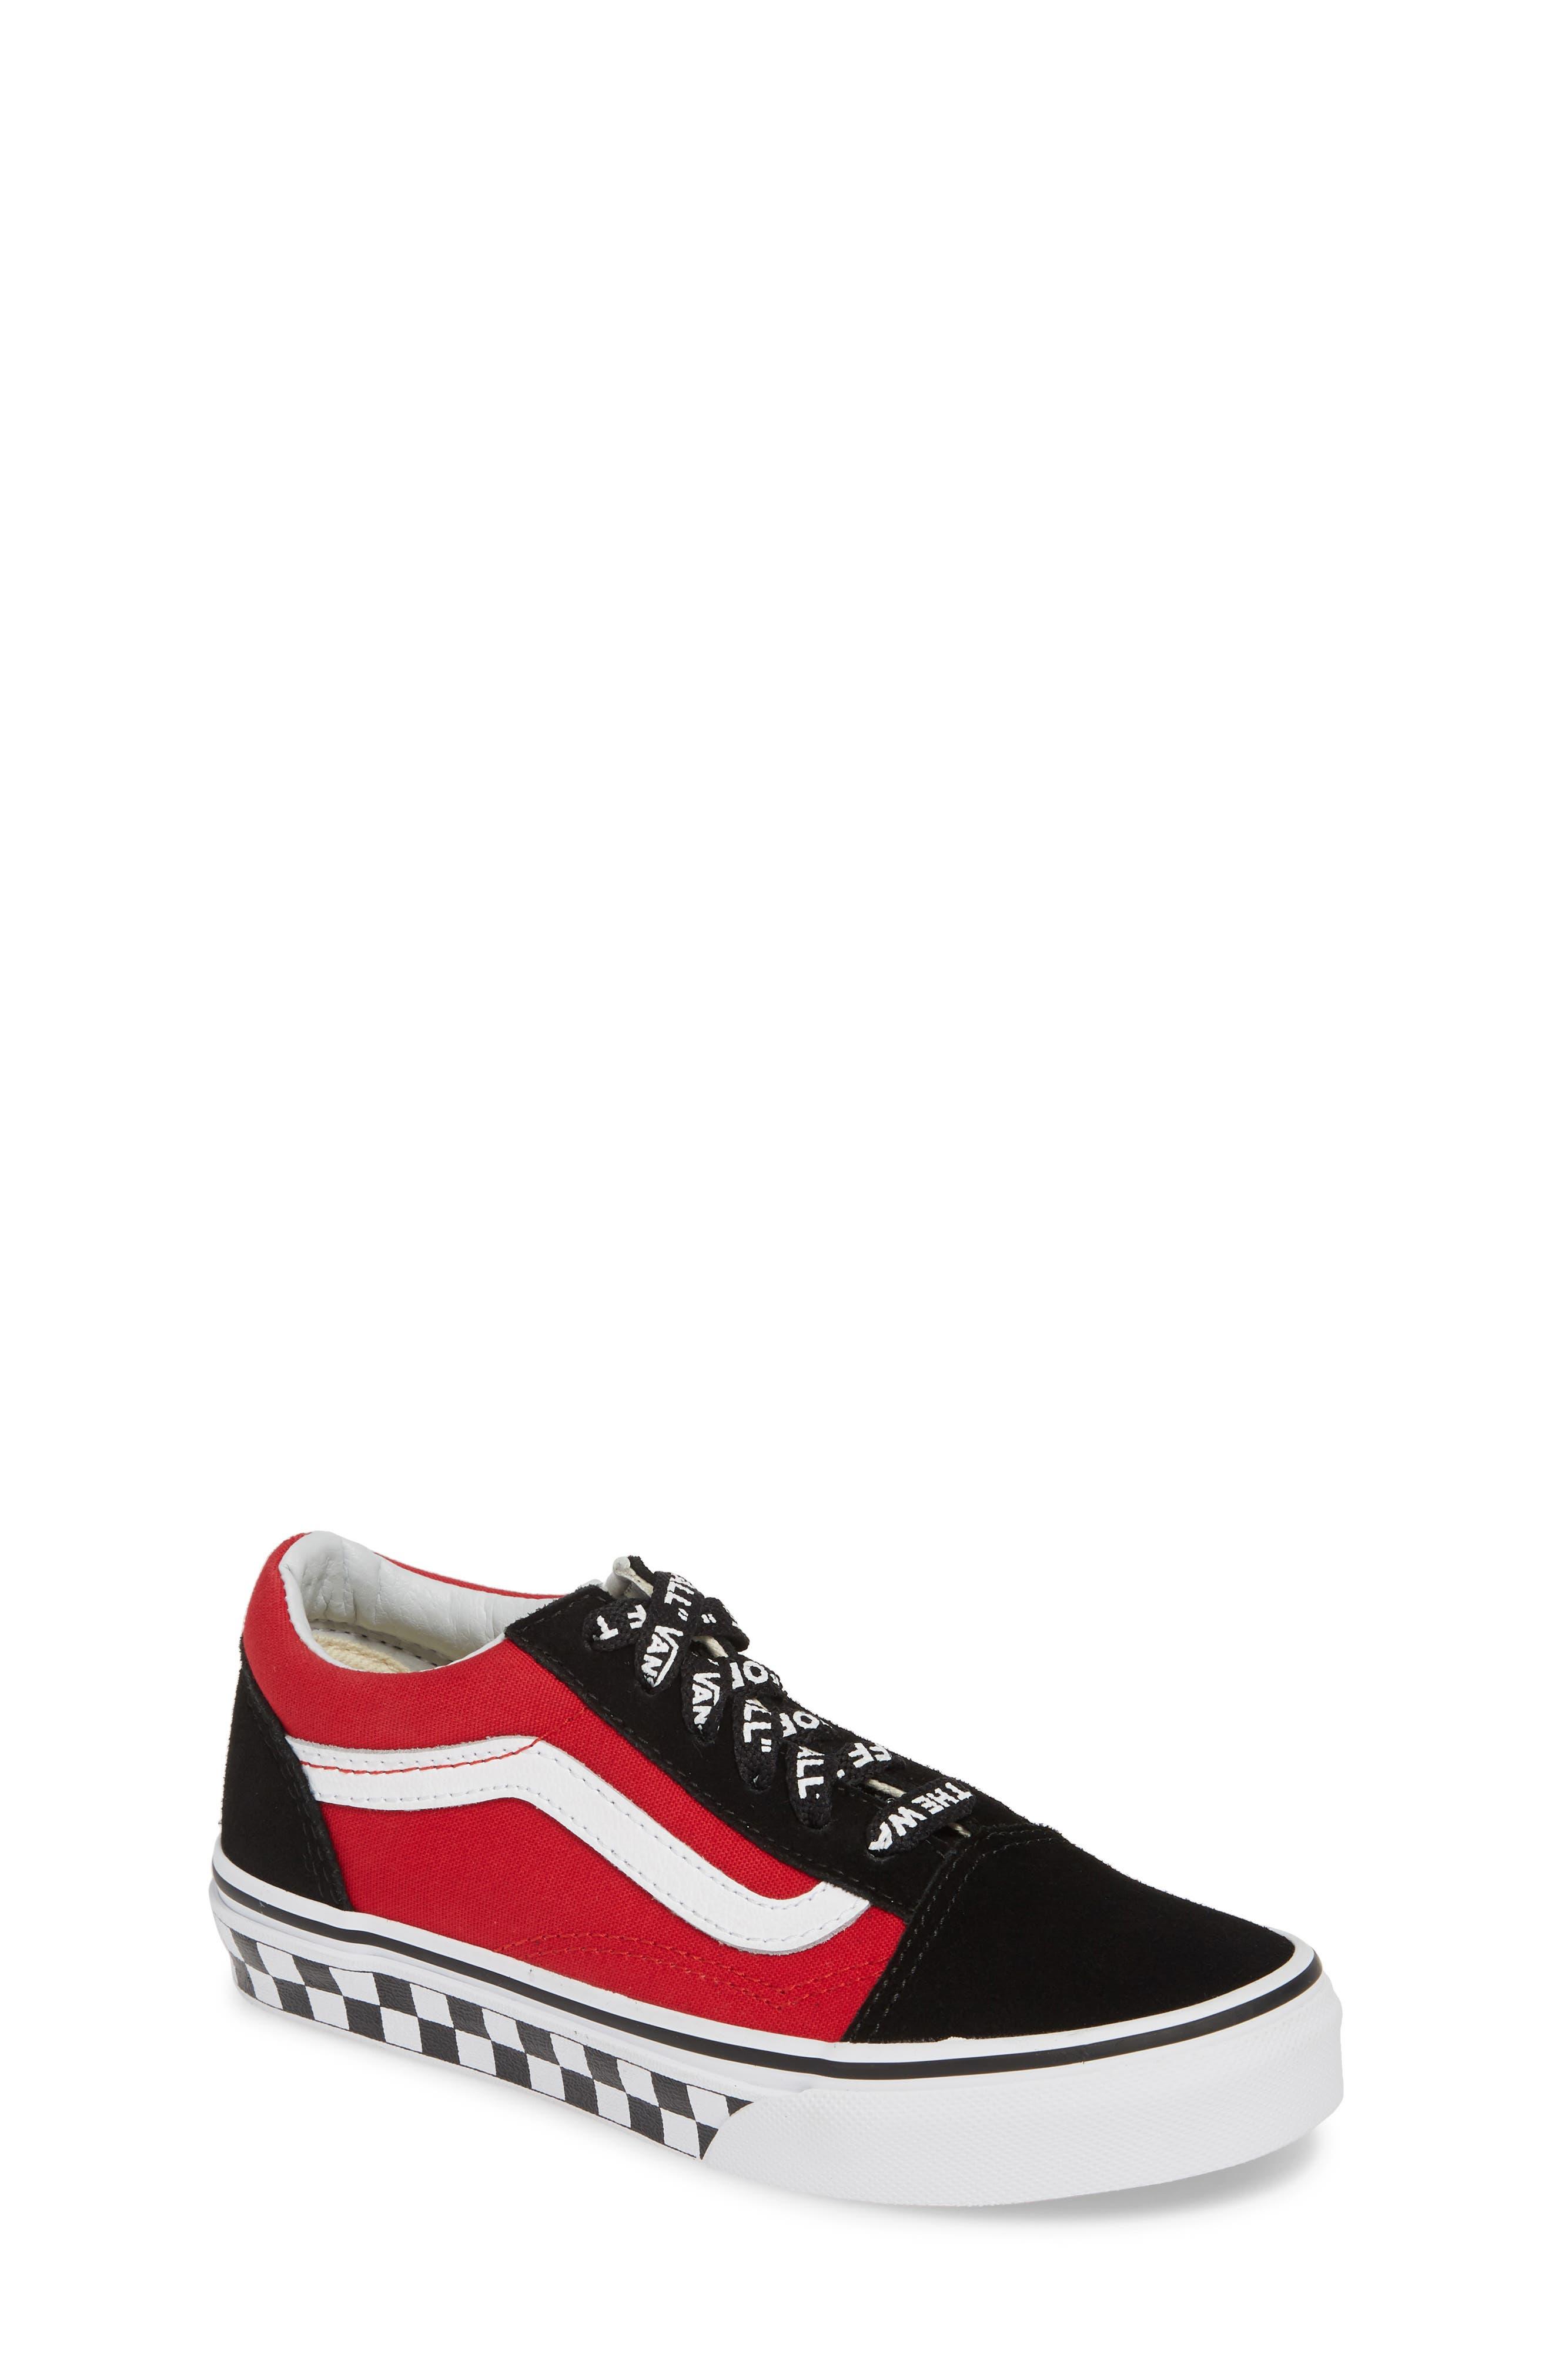 Boys Vans Old Skool Sneaker Size 6 M  Black